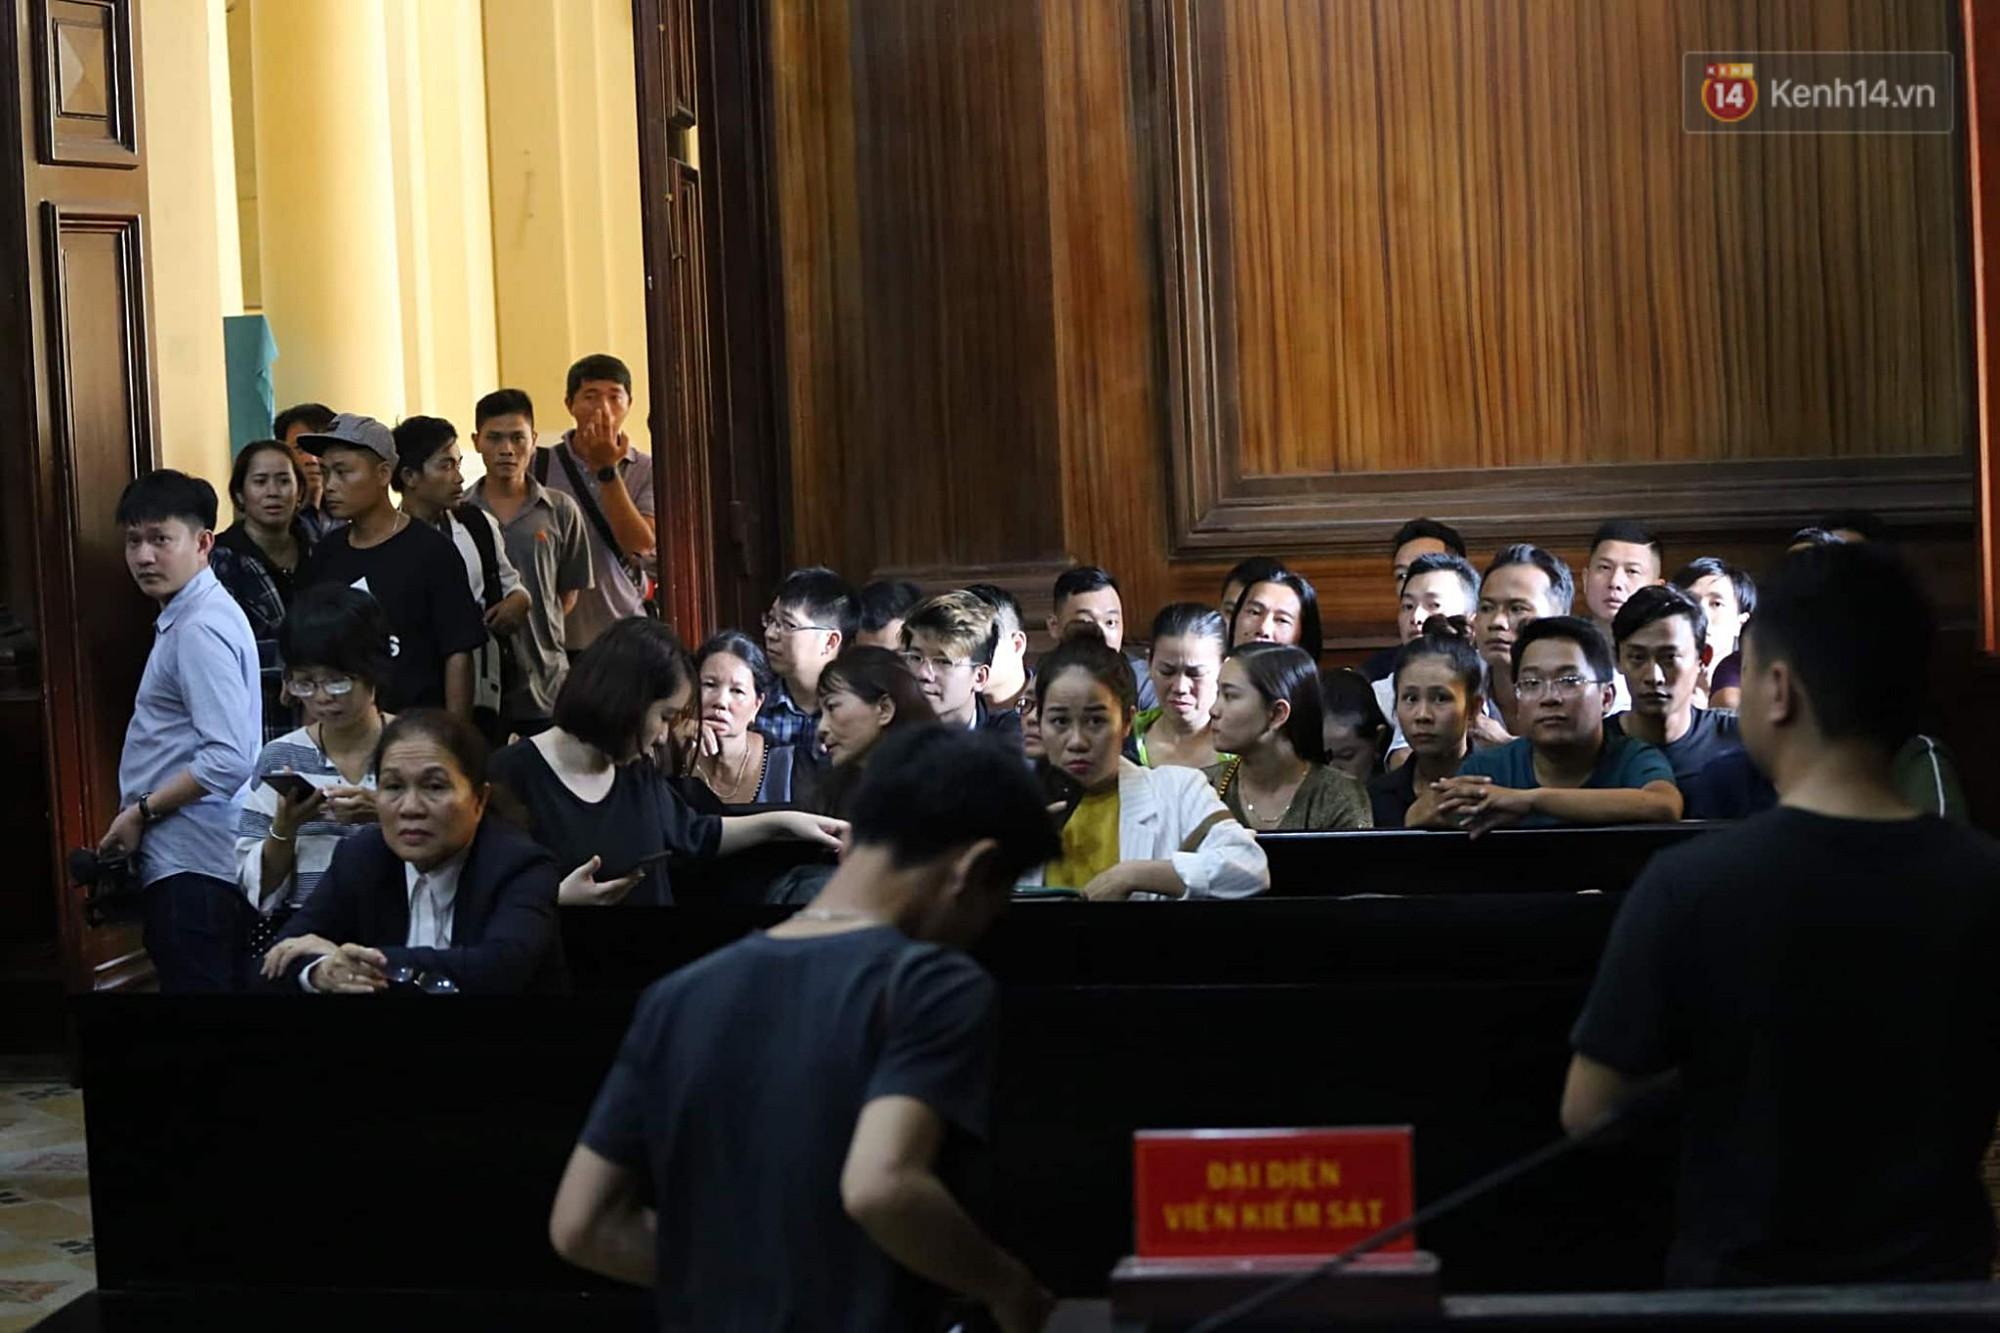 Vợ cũ bác sĩ Chiêm Quốc Thái thanh minh tại tòa sau khi thuê giang hồ truy sát chồng: Chỉ đánh dằn mặt, thuê người tát mấy cái...-8